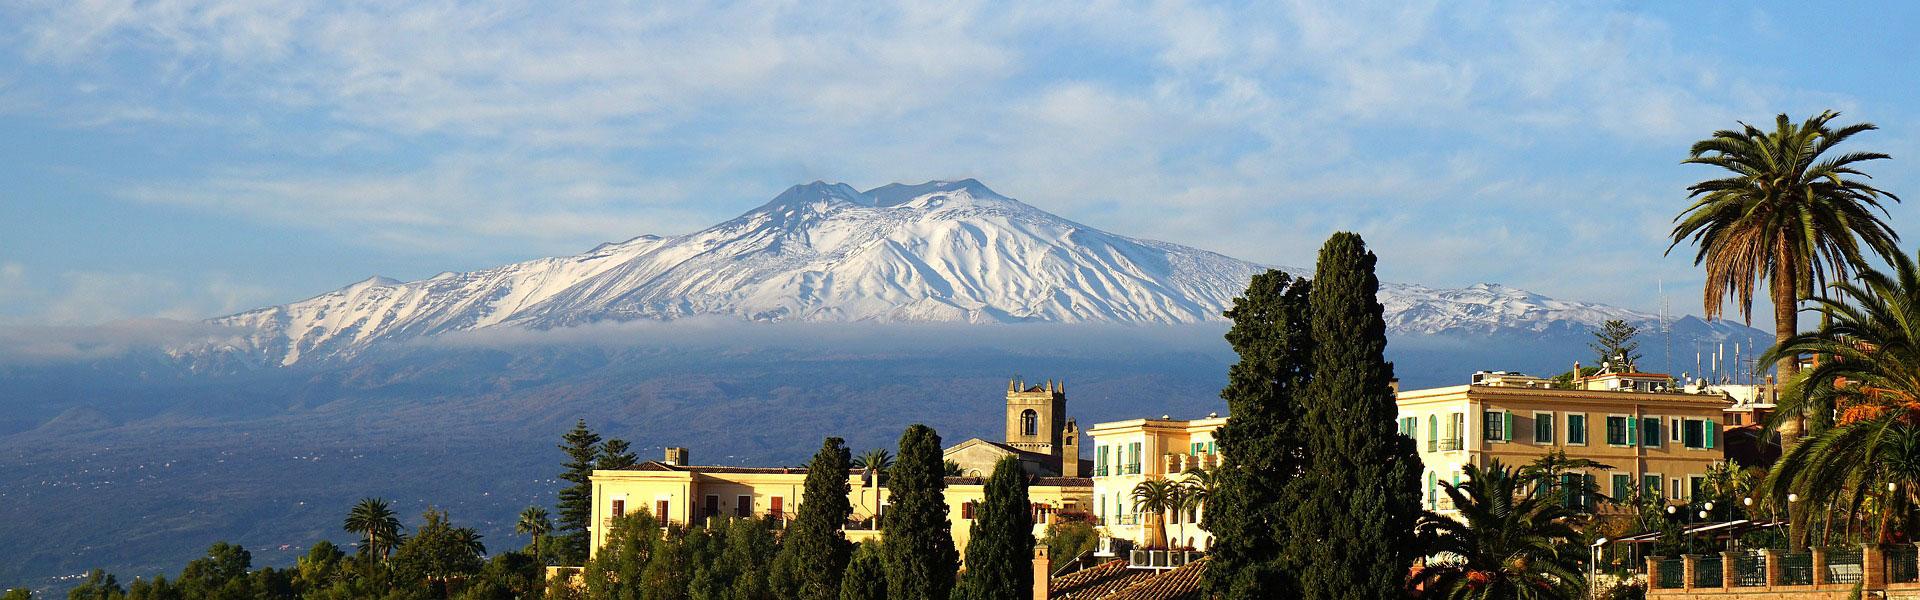 Vandreture Pa Sicilien Vandring Pa Egen Hand I Sicilien